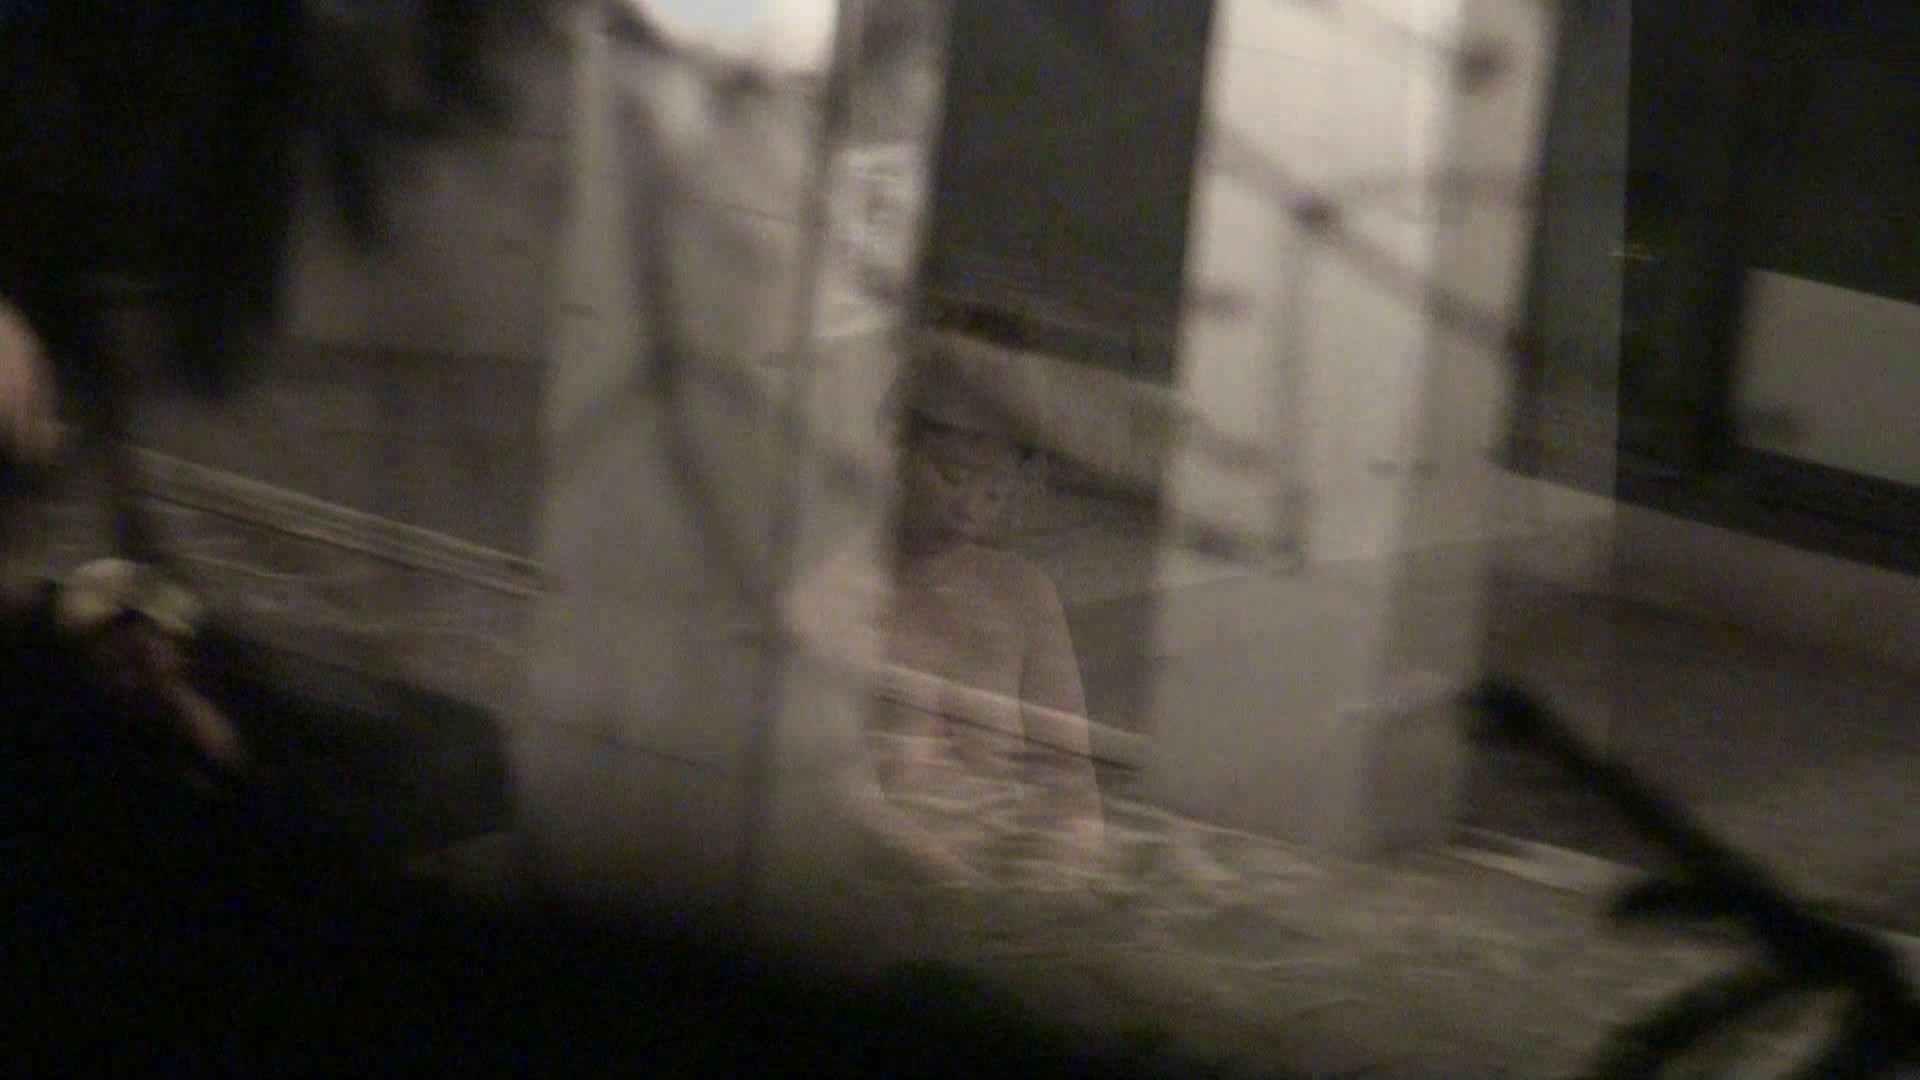 Aquaな露天風呂Vol.337 盗撮師作品 | 美しいOLの裸体  94pic 34